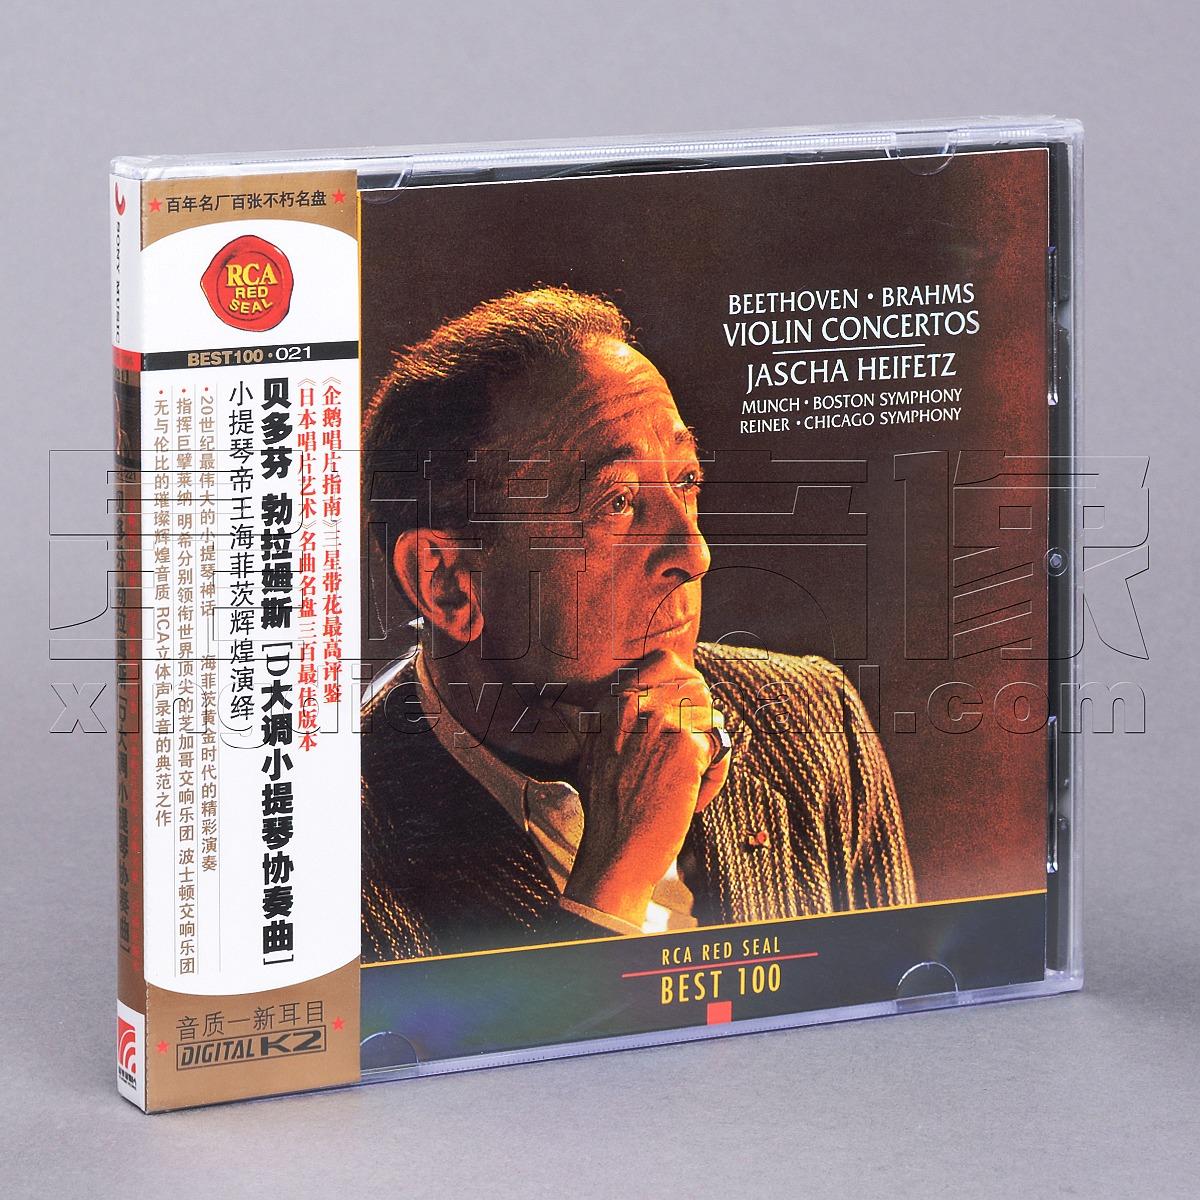 小提琴勃拉姆斯贝多芬D大调协奏曲CD